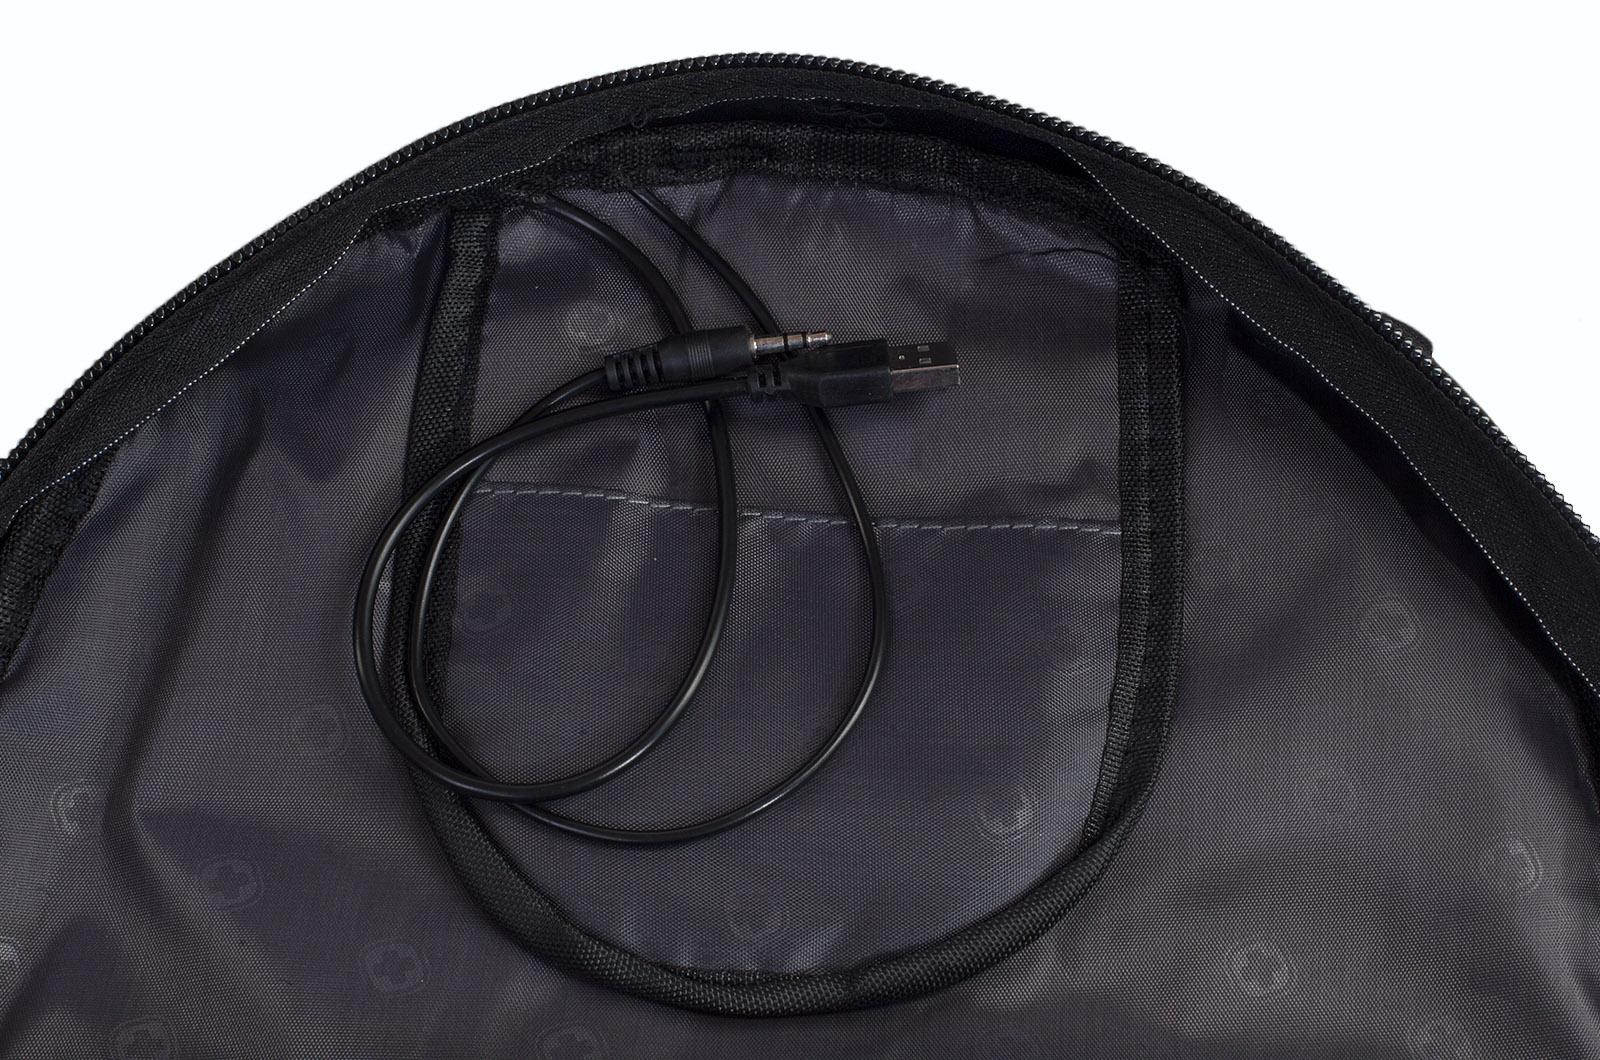 Функциональный городской рюкзак с нашивкой РВиА купить с доставкой